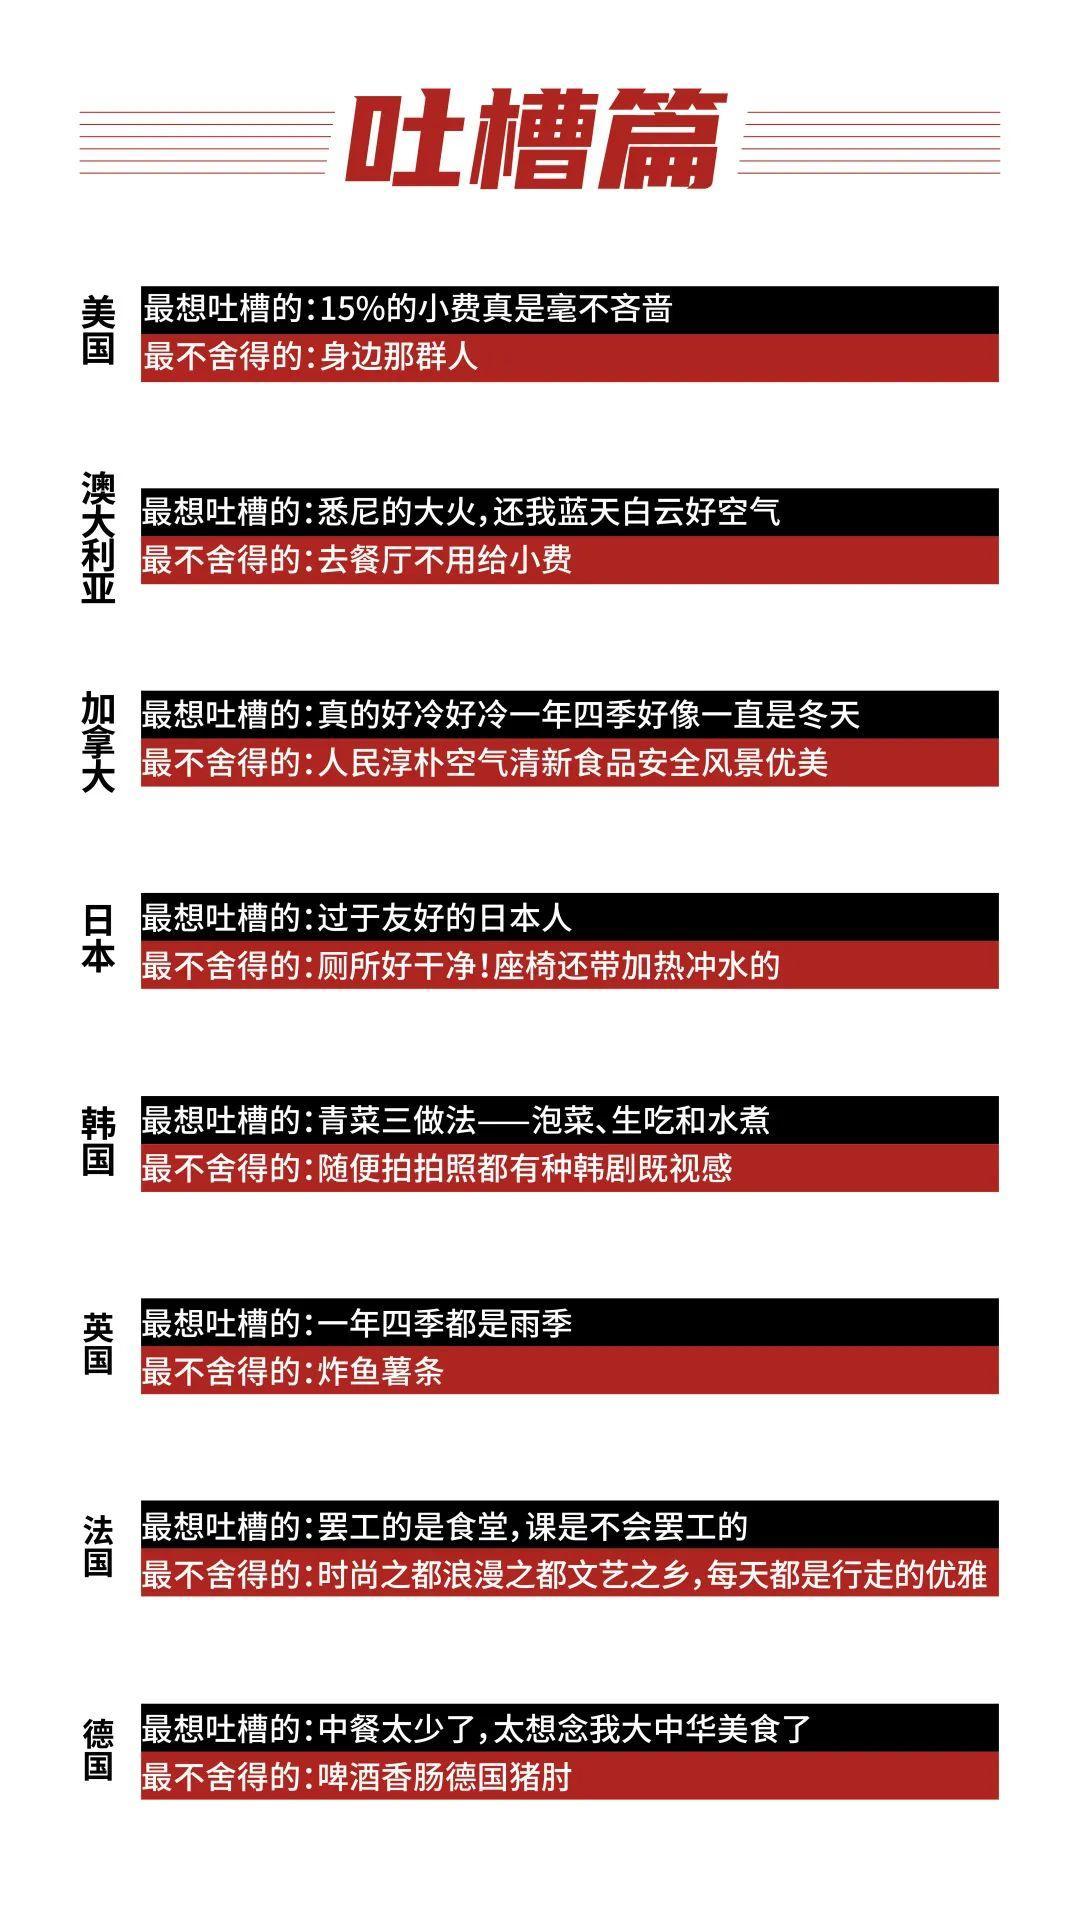 留学大数据《2020中国留学白皮书》中国留学生数目美澳加排前3  数据 第11张